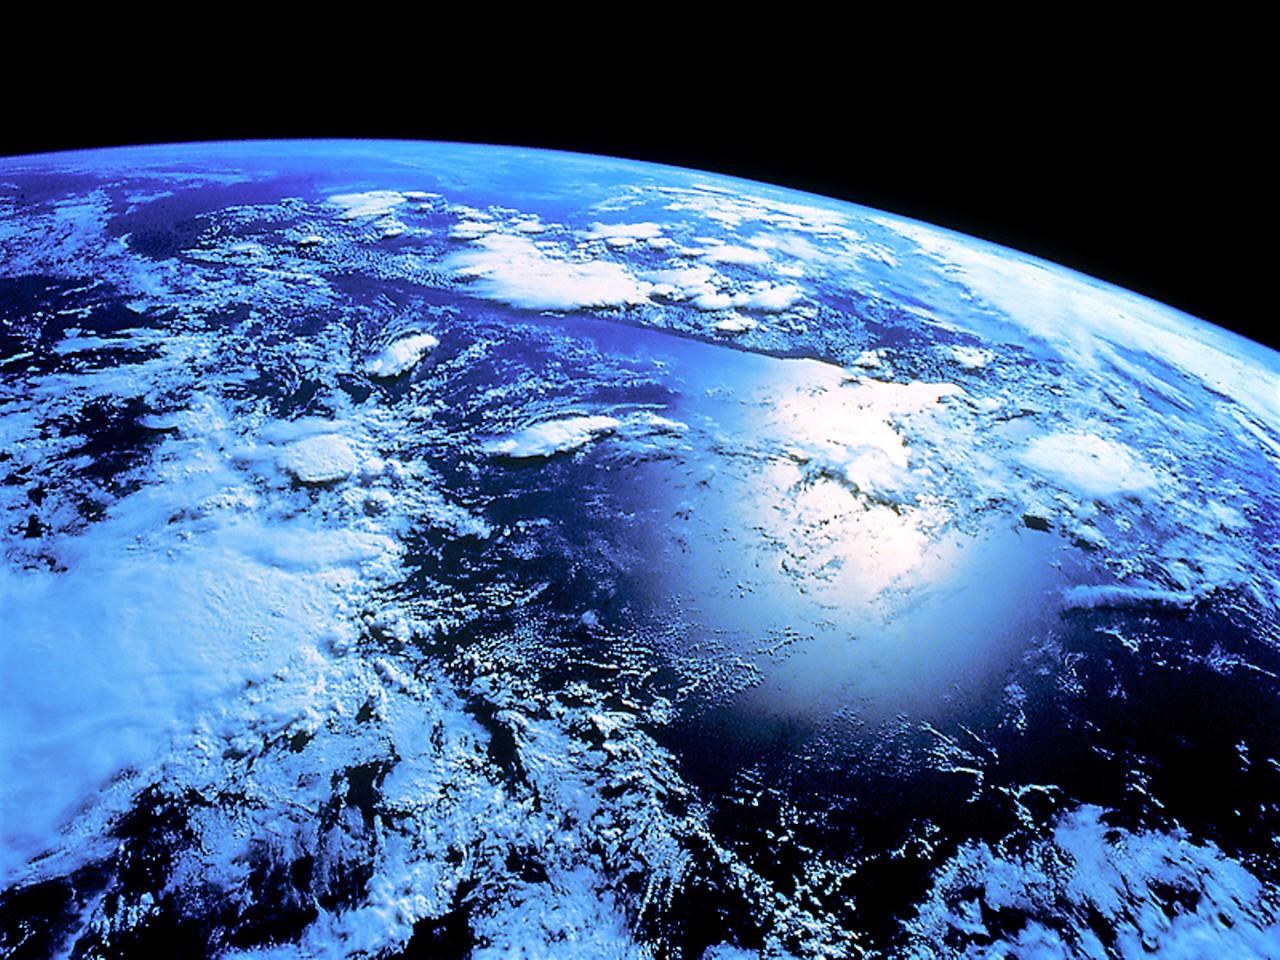 Космоса обои на рабочий стол космос